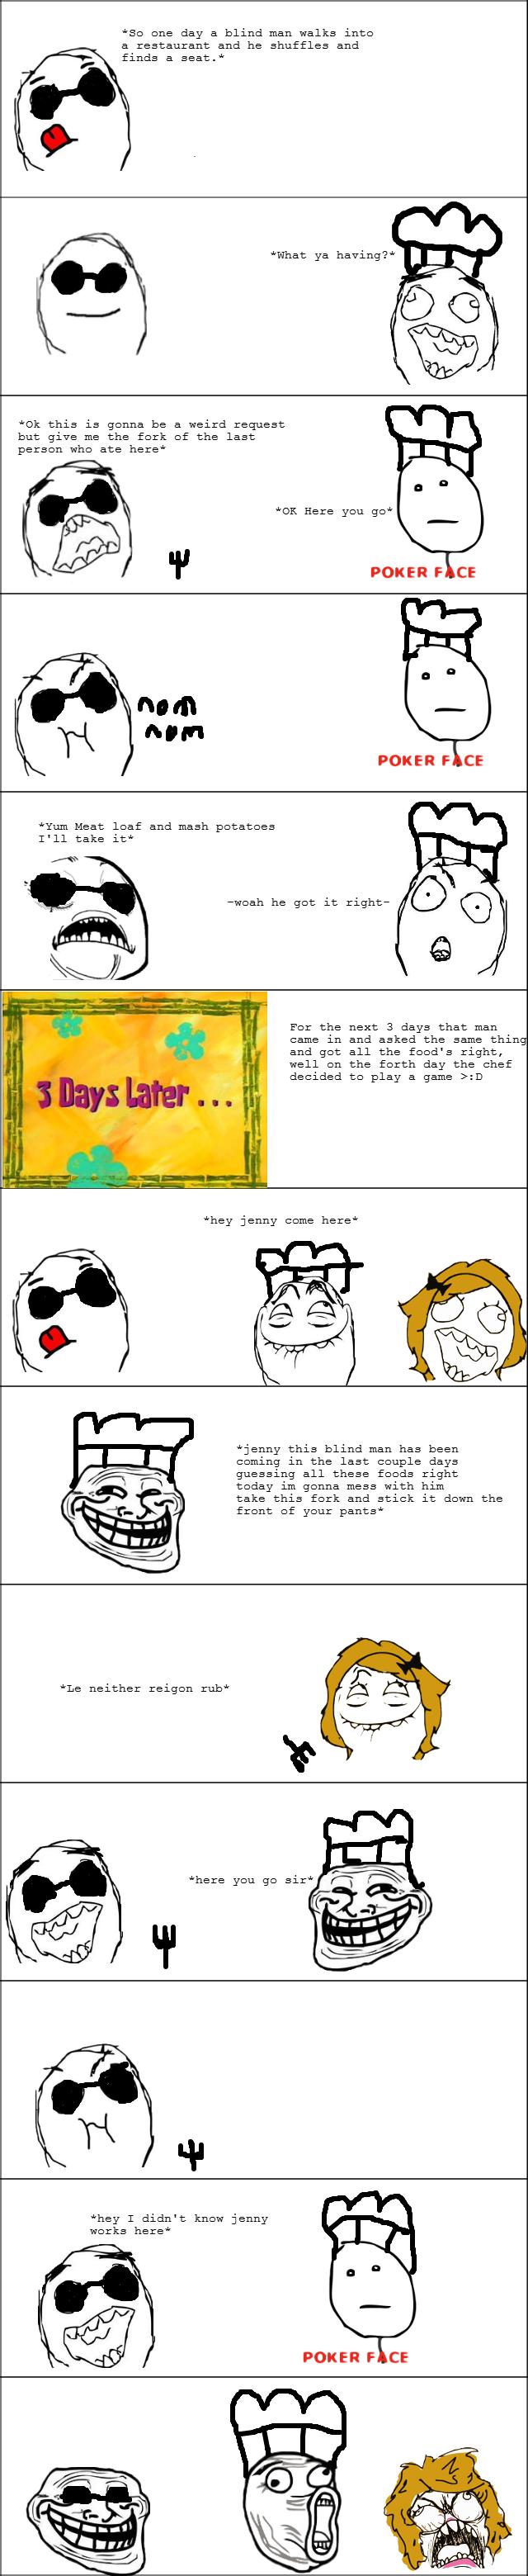 Tastes Like Chicken. .. id rather read the joke as a joke instead of read it through a 9gag meme comic Tastes Like Chicken id rather read the joke as a instead of it through 9gag meme comic